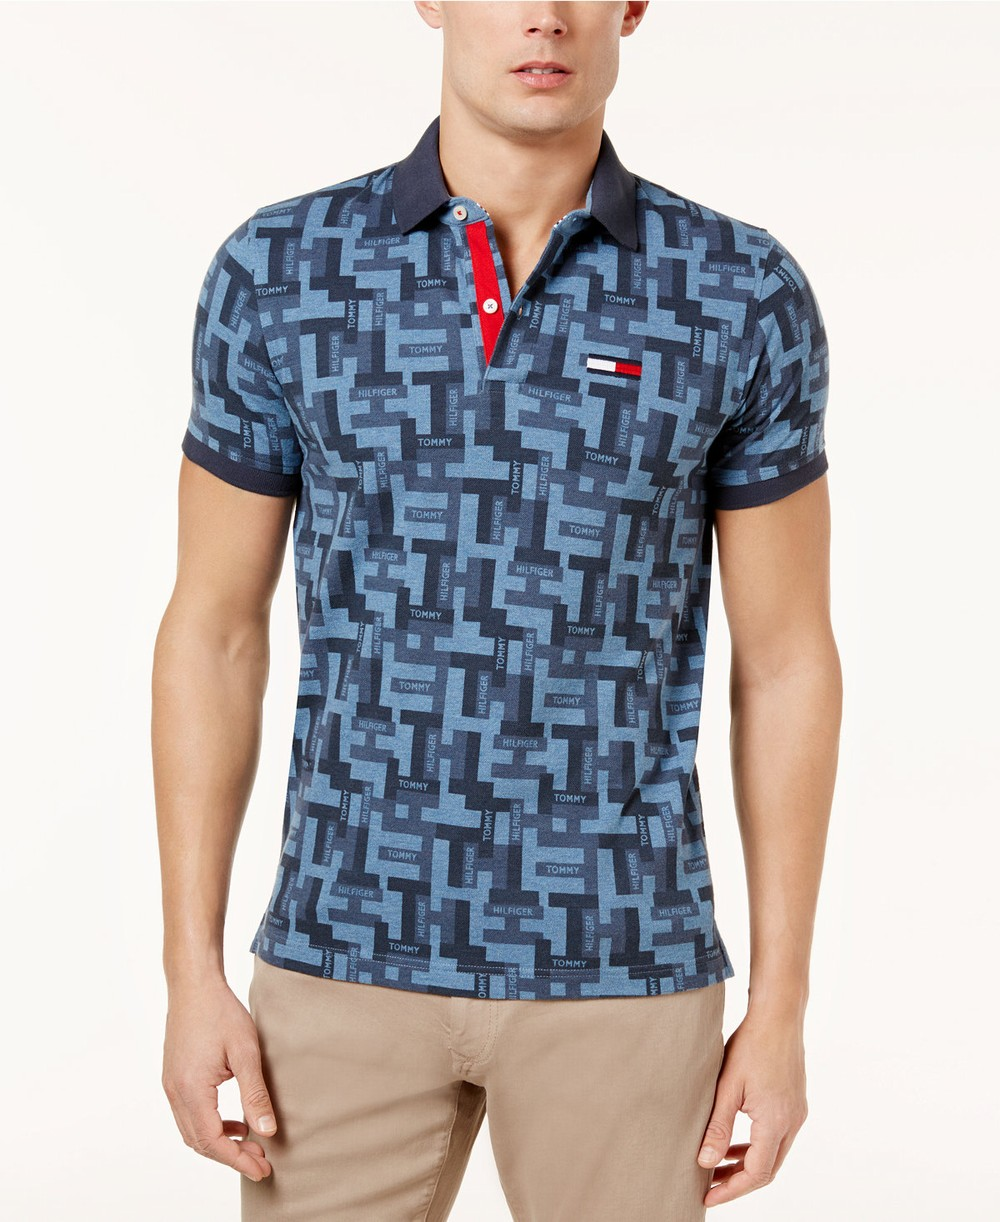 Áo Thun Polo Tommy Hilfiger Họa Tiết Logo Hãng Màu Xanh Đẹp